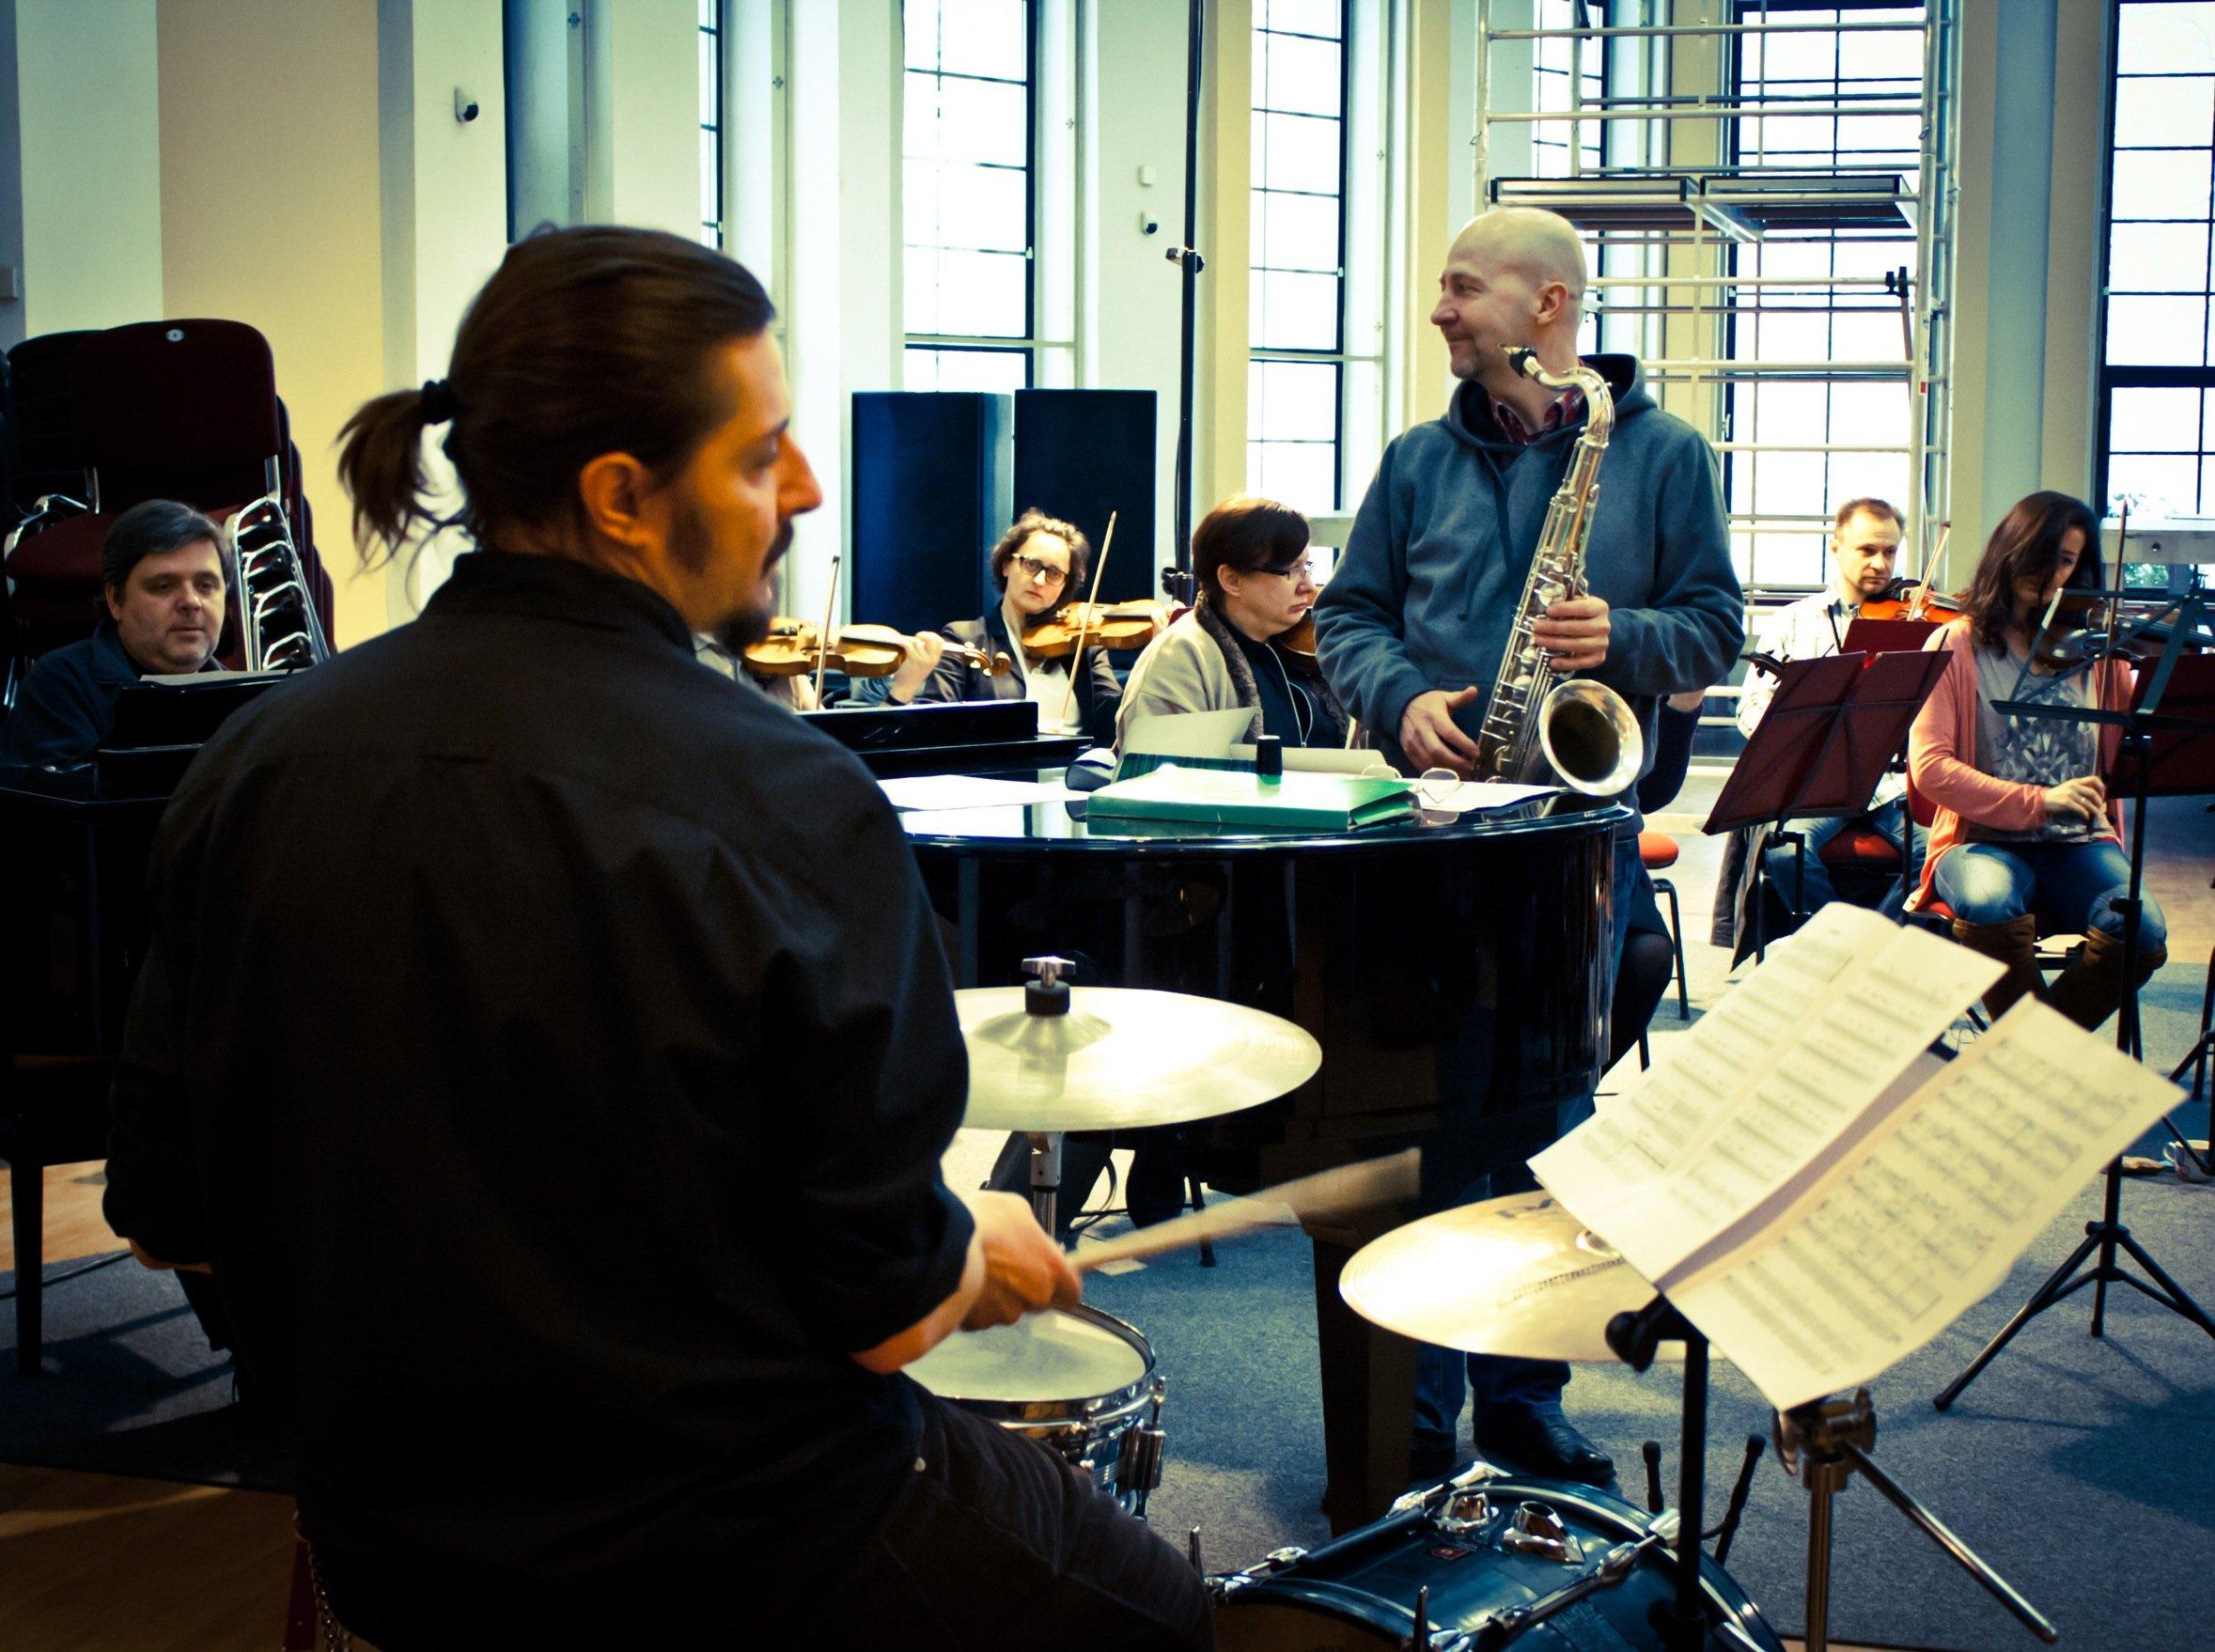 Tranquillo – próba przed koncertem w 1LO w Sopocie.Tranquillo – rehearsal.